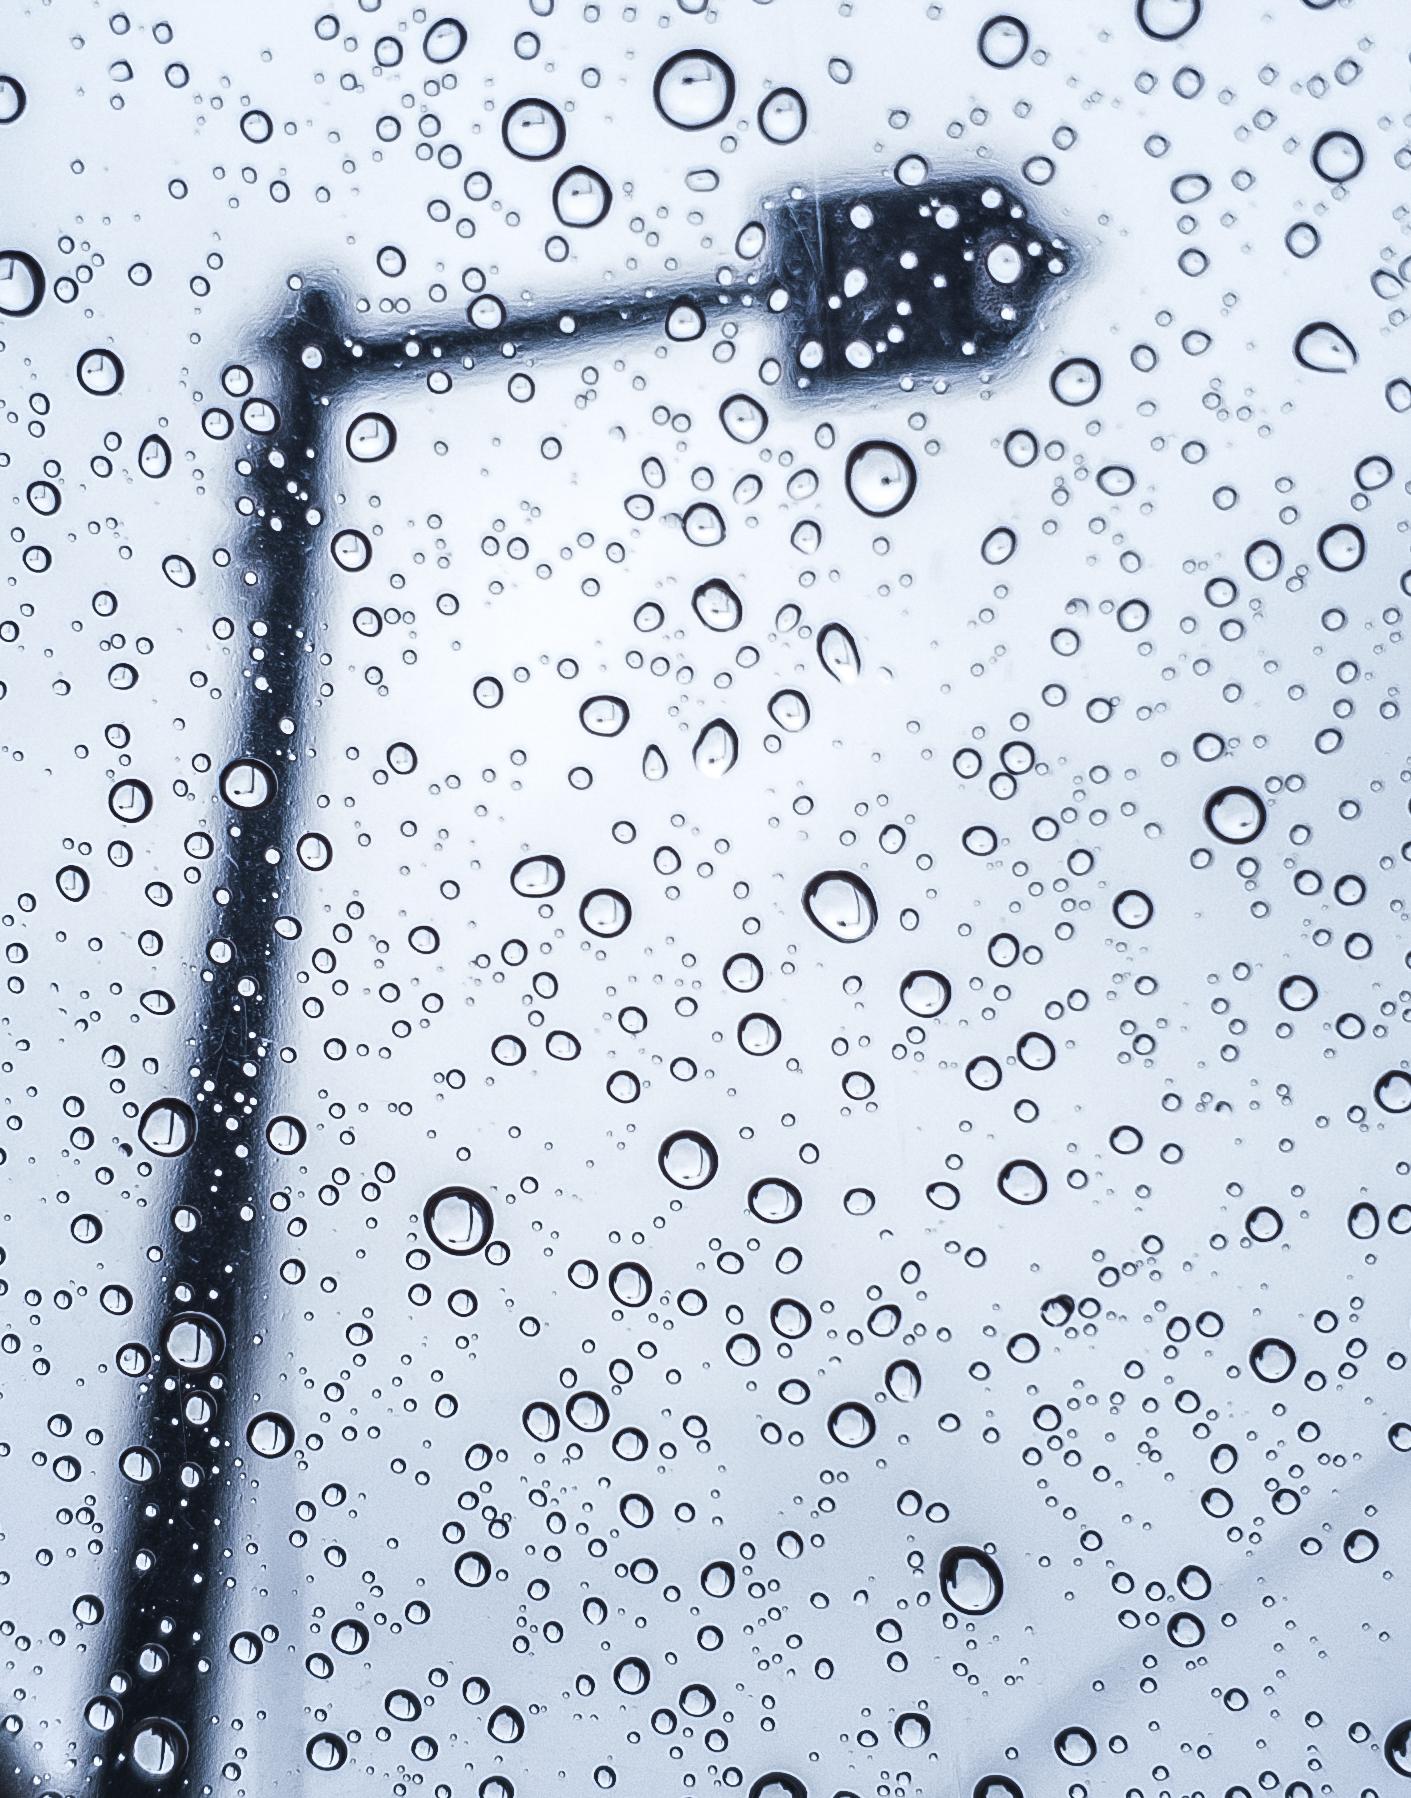 비닐 우산에 맺힌 빗방울 /20190812